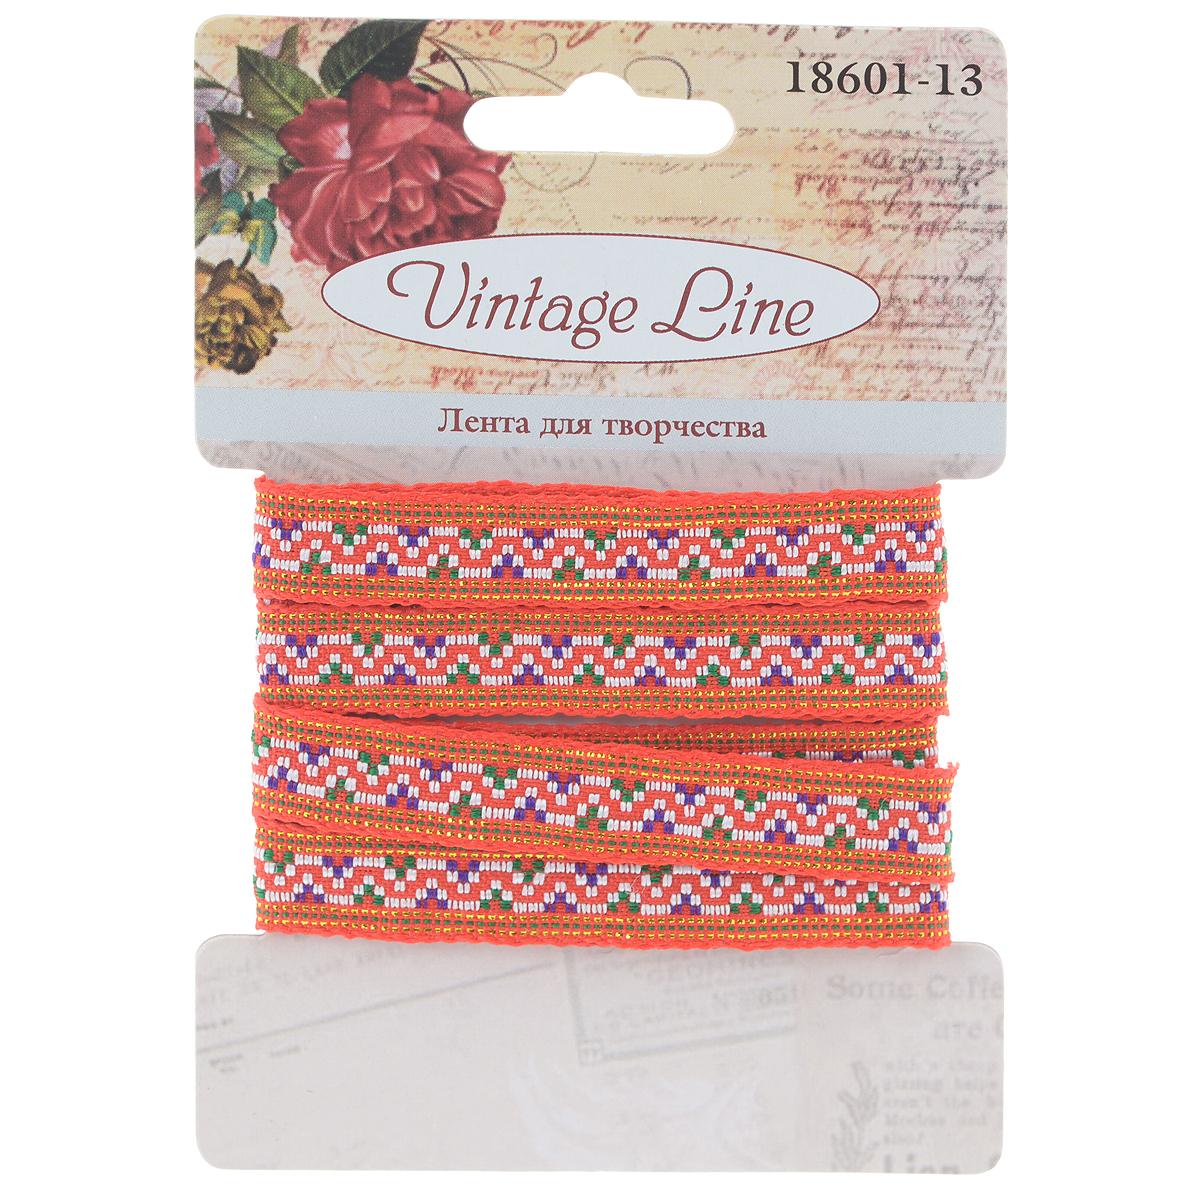 Лента декоративная Vintage Line, цвет: красный, 1,2 х 100 см7709661Декоративная лента Vintage Line выполнена из текстиля и оформлена оригинальным узором. Такая лента идеально подойдет для оформления различных творческих работ таких, как скрапбукинг, аппликация, декор коробок и открыток и многое другое. Лента наивысшего качества практична в использовании. Она станет незаменимым элементом в создании рукотворного шедевра. Ширина: 1,2 см. Длина: 1 м.